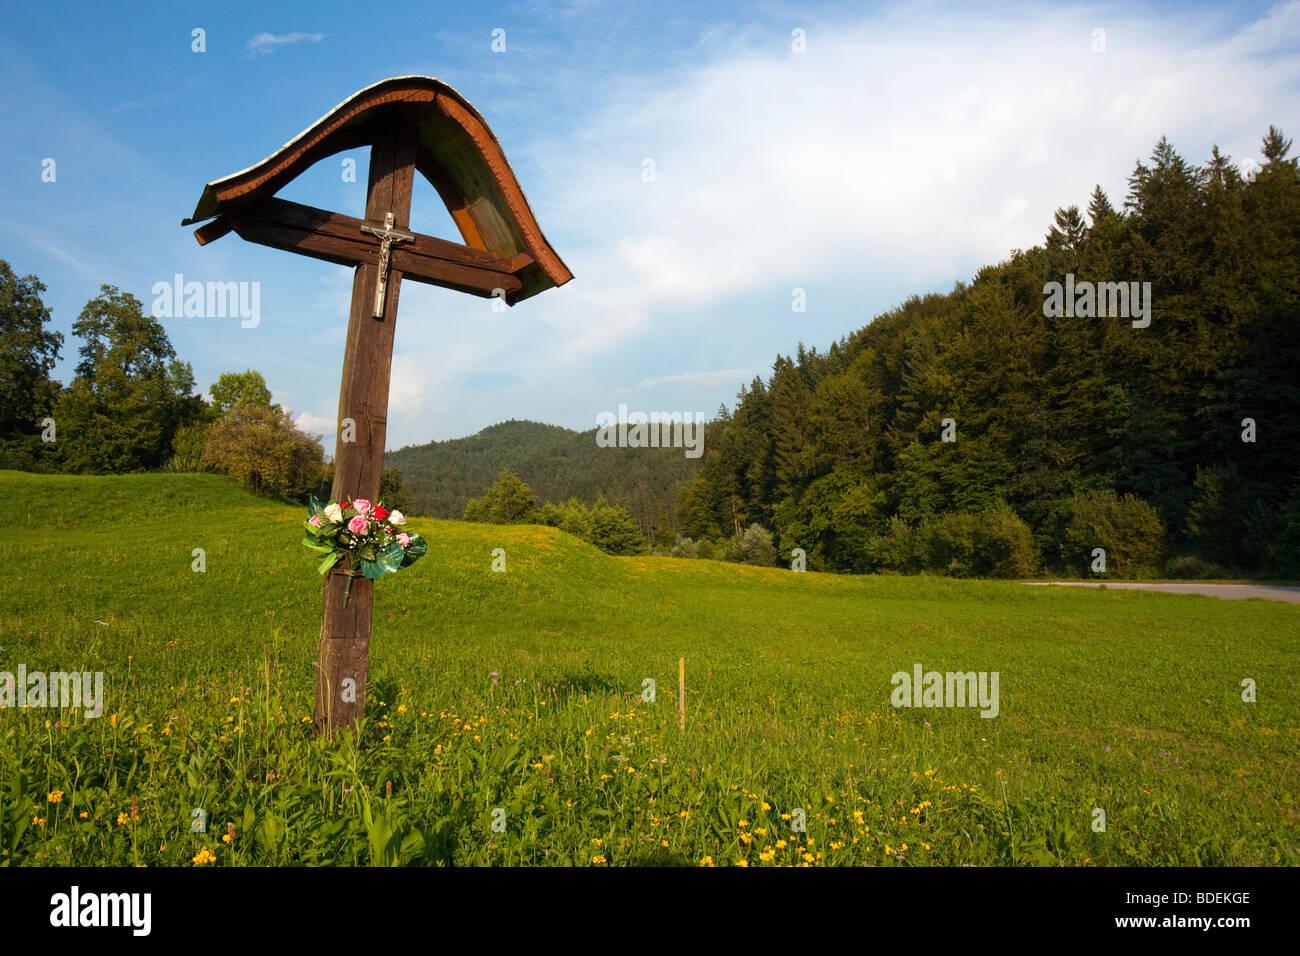 Eine einfache slowenischen Bildstock, trägt ein Kruzifix und geschmückt mit Blumen, auf einem Feld am Stockbild